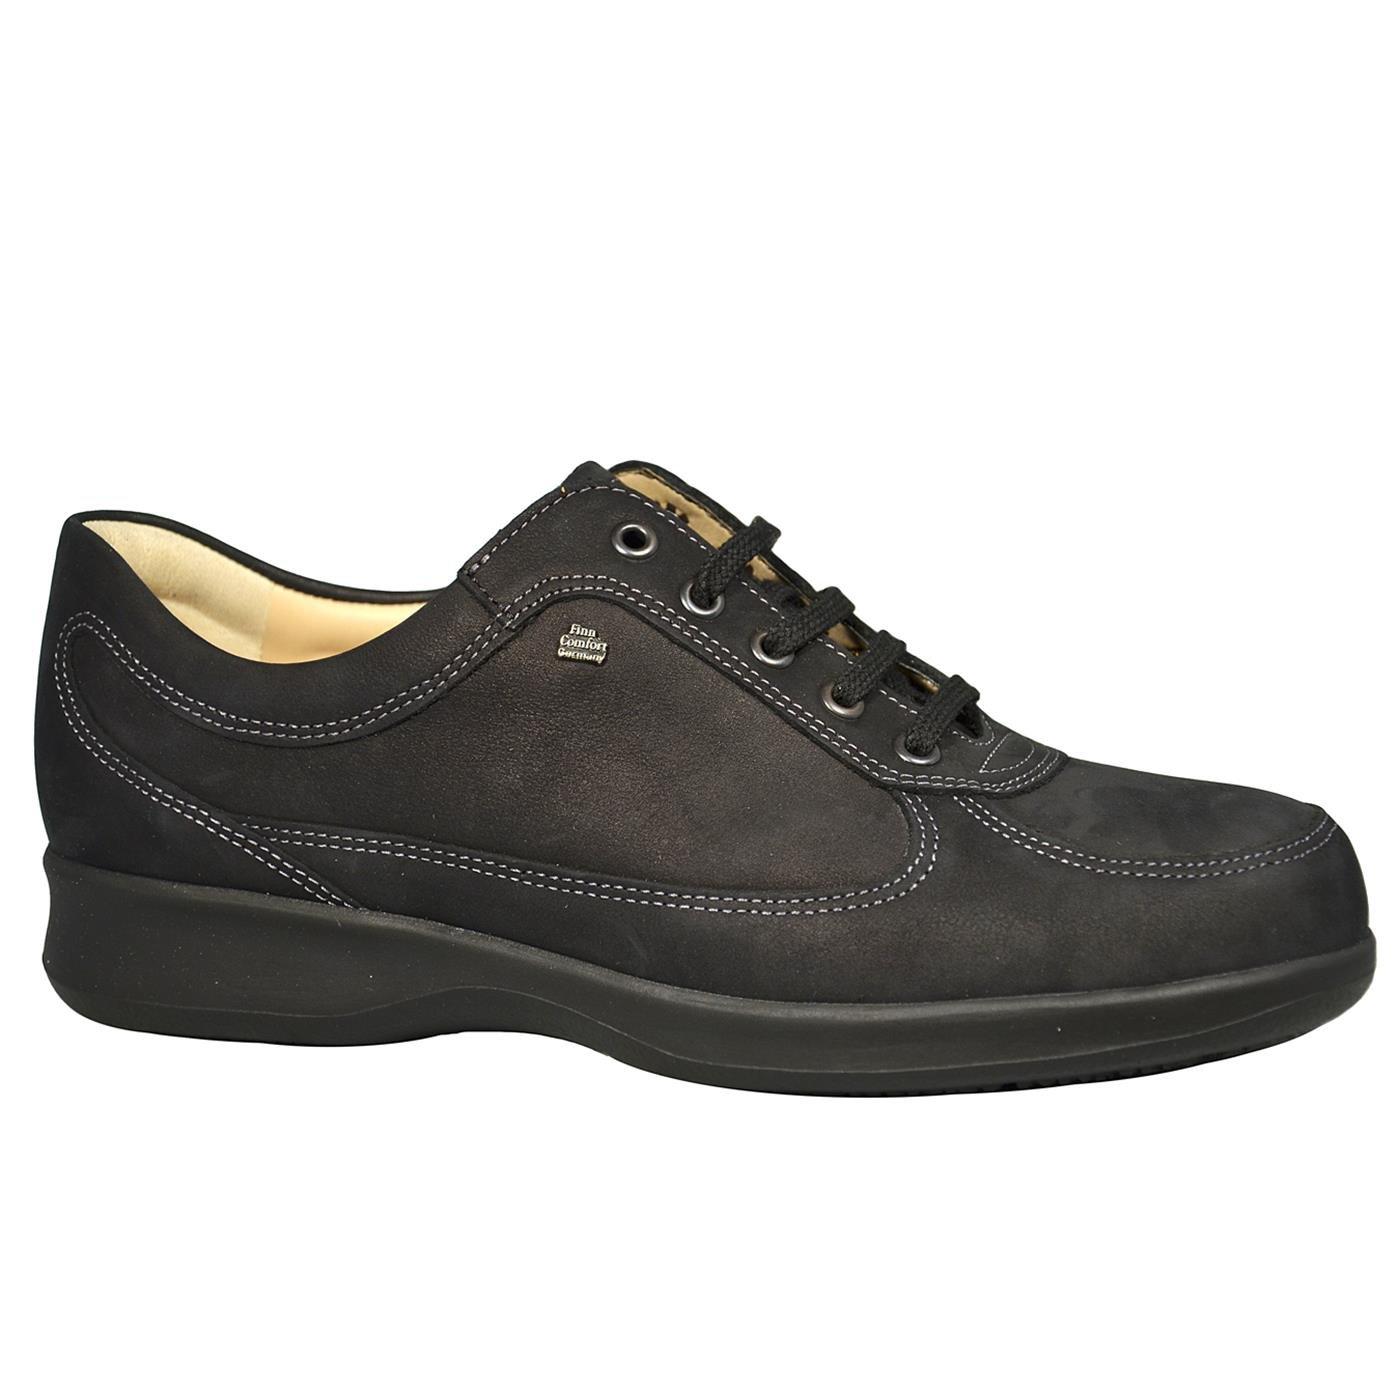 FINNCOMFORT - Zapatos de cordones de cuero nobuck para mujer 37 EU|negro - negro